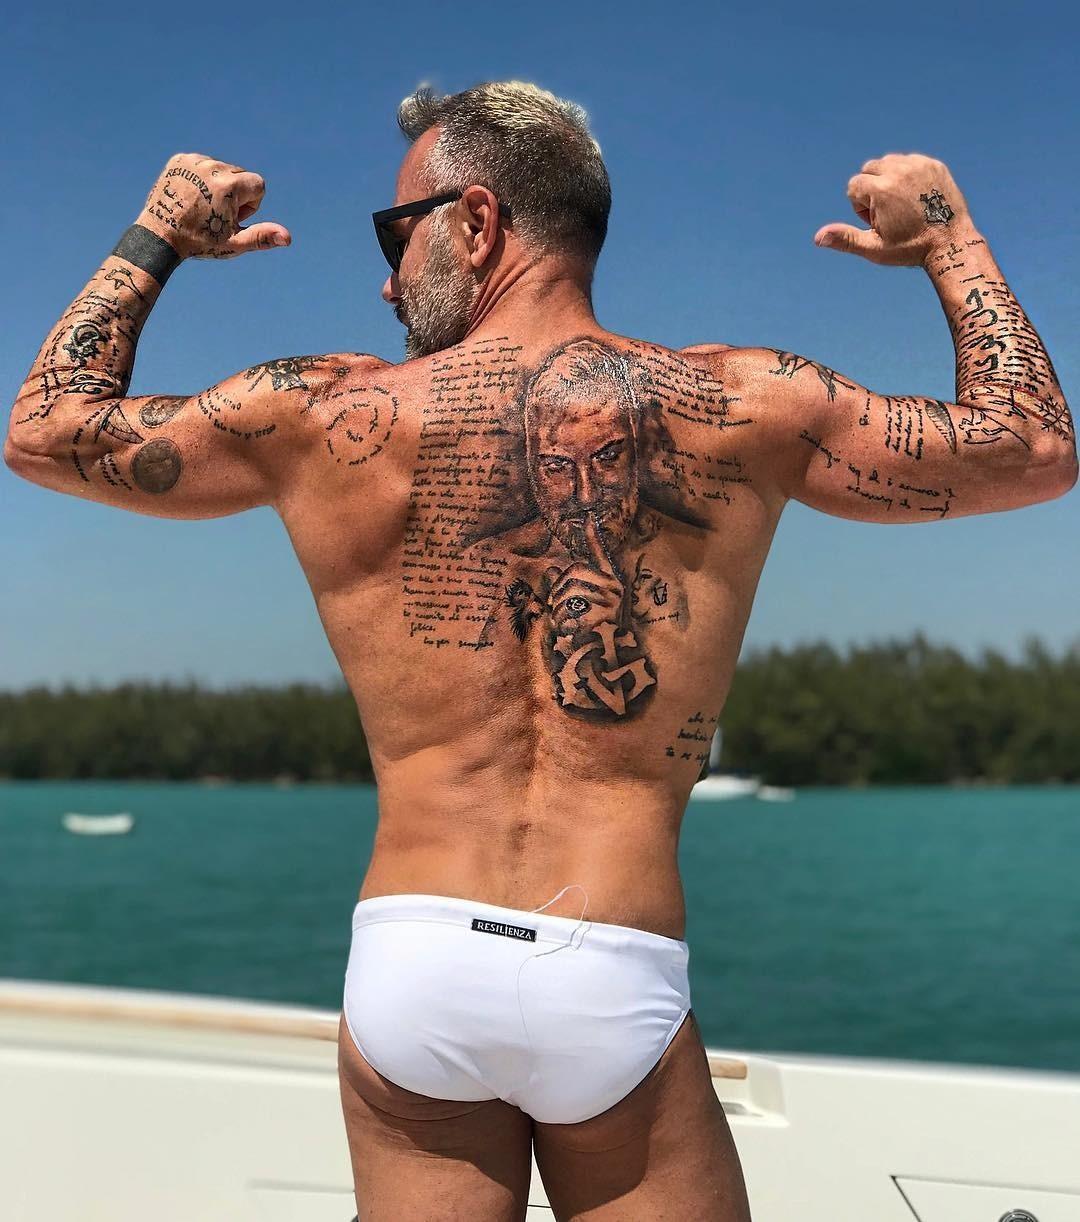 Это необязательный шаг на пути к жизни мечты - все по желанию, Джанлуки возжелал и набил татуировки. Нательными «рисунками» покрыта большая часть тела мужчины, включая спину, шею, голени...